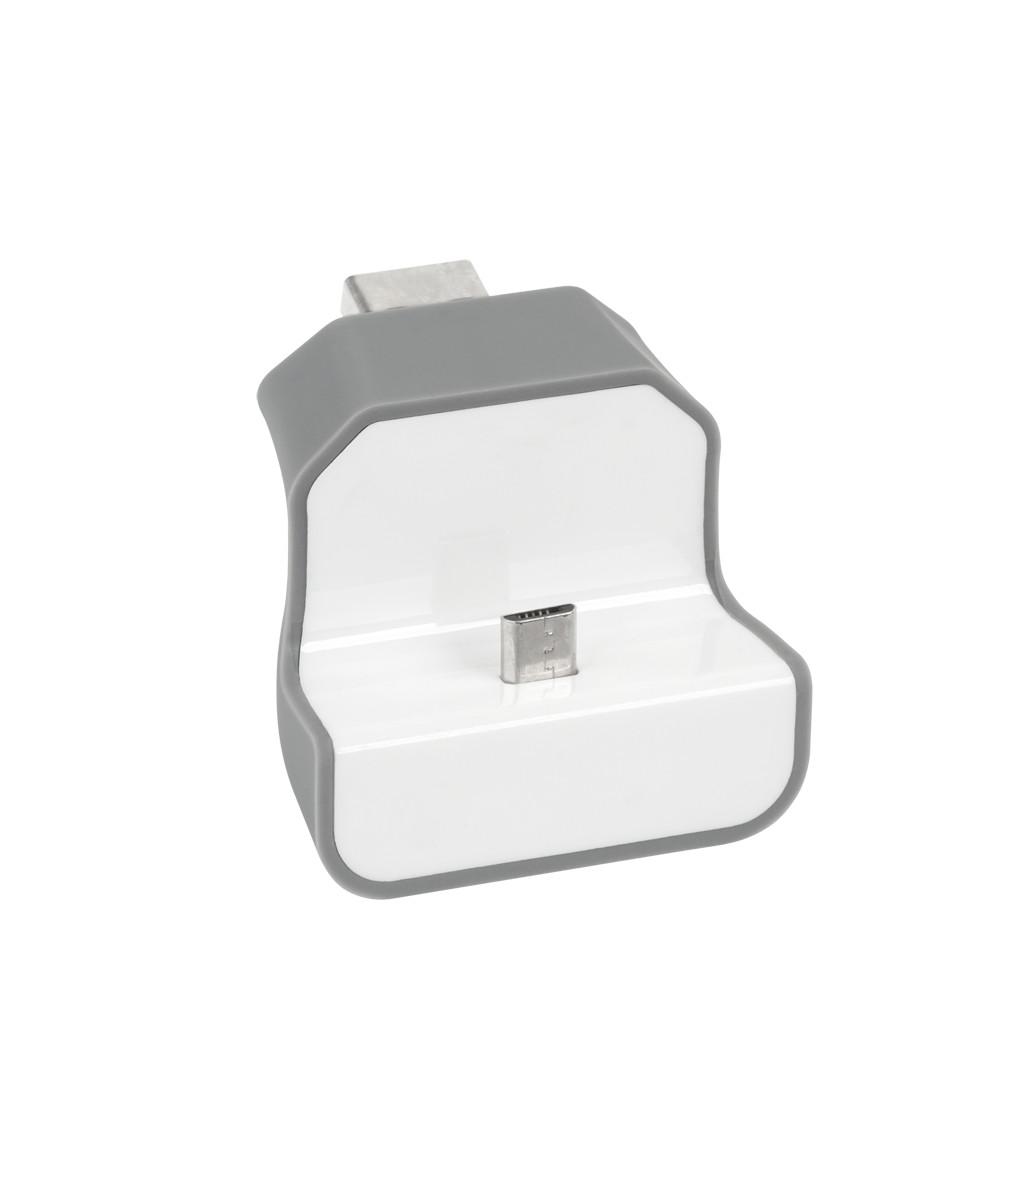 Konektor do ładowarki USB stacja dokująca micro USB